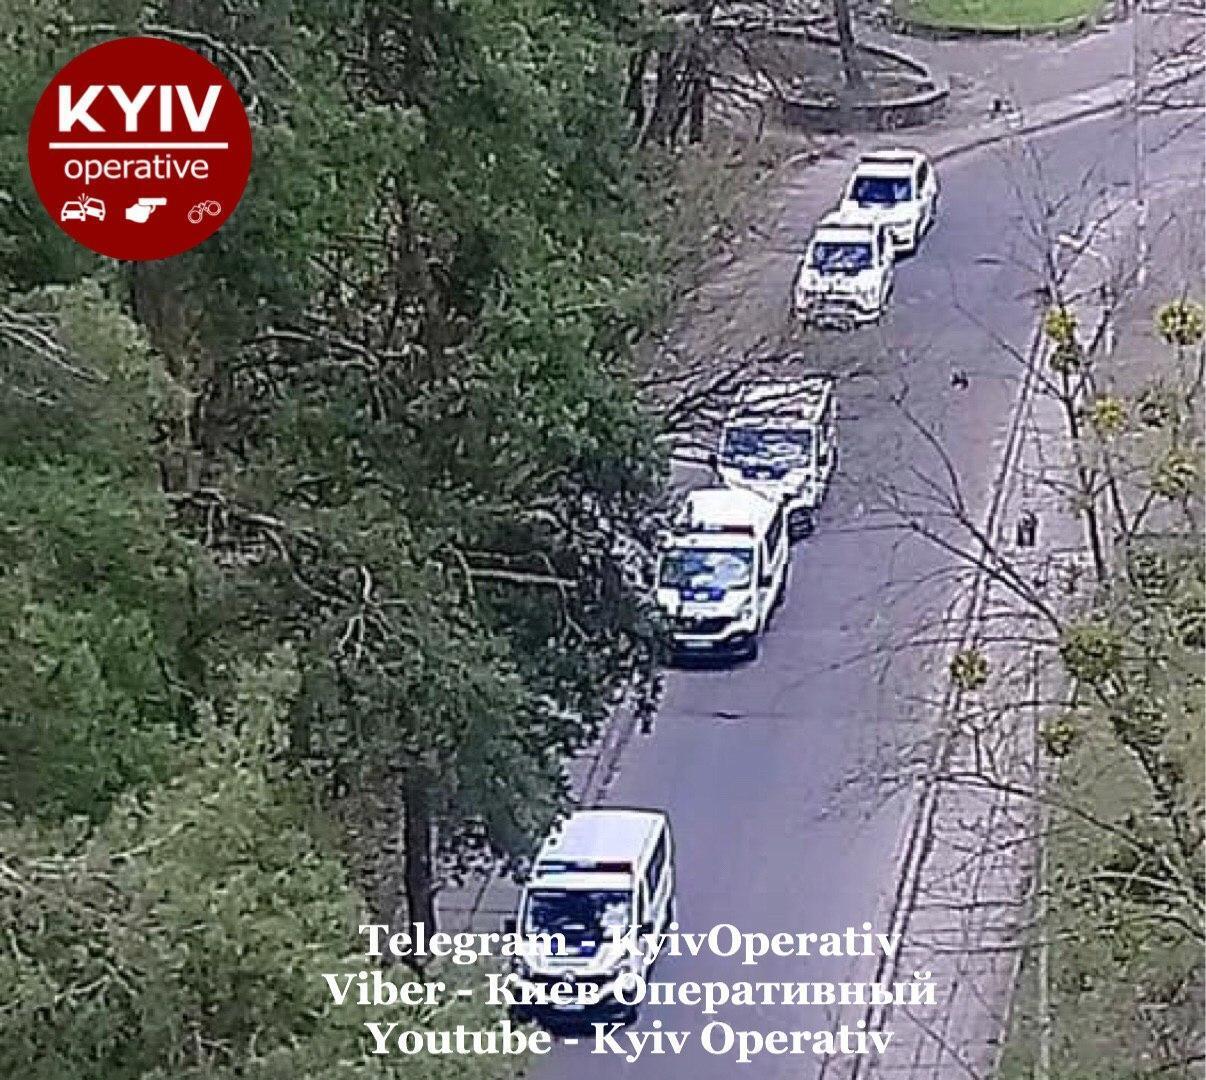 У Києві знайшли рештки людини, замотані у пакет: з'явилися перші фото з місця НП